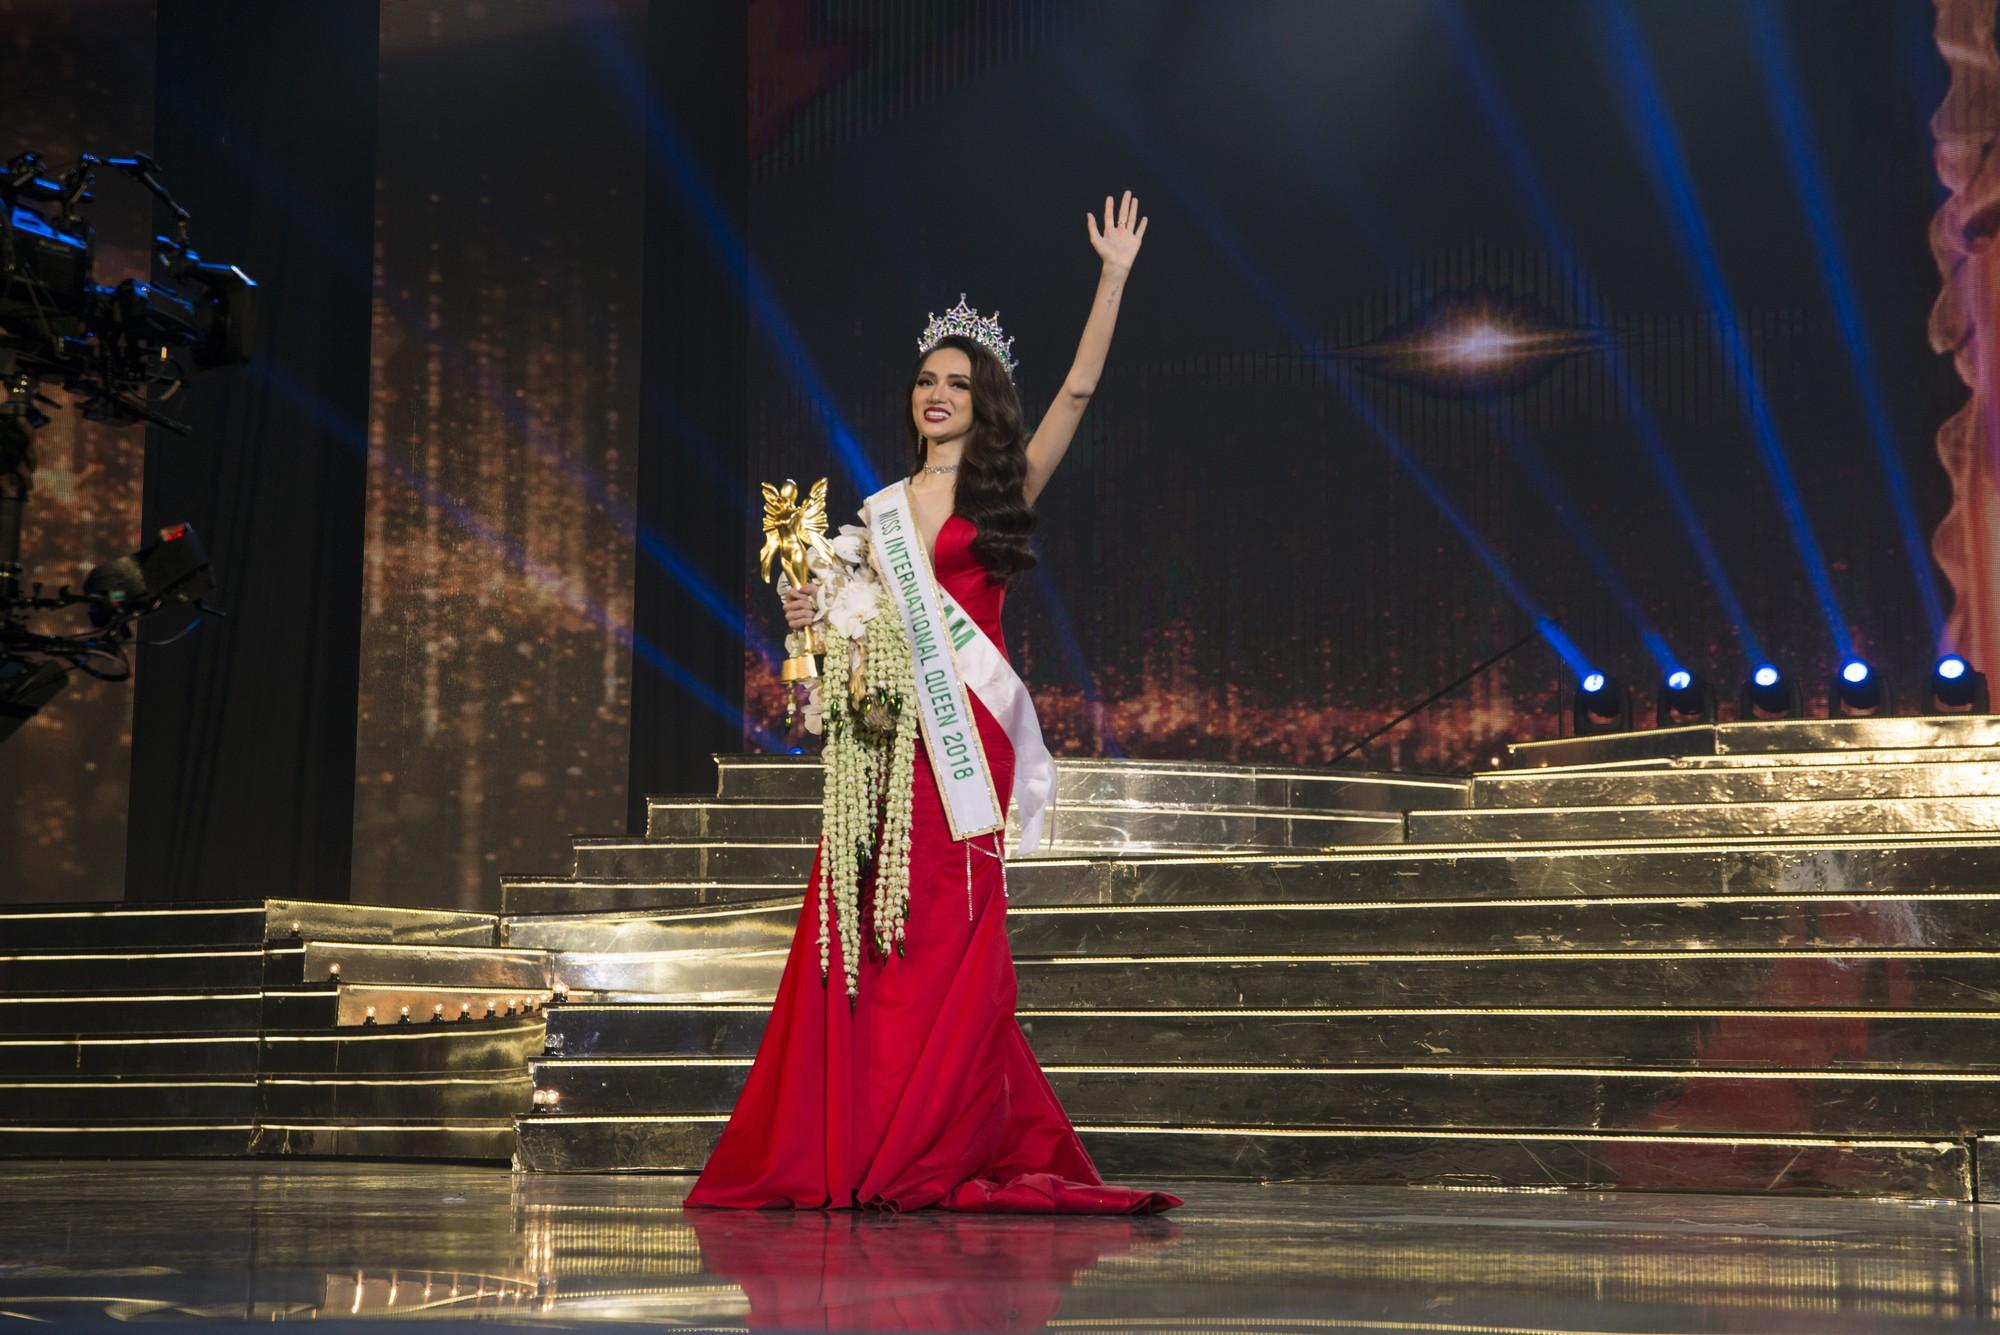 Clip đẹp: Xem trọn vẹn những phần thi xuất sắc giúp Hương Giang trở thành Tân Hoa hậu Chuyển giới Quốc tế 2018 - Ảnh 3.